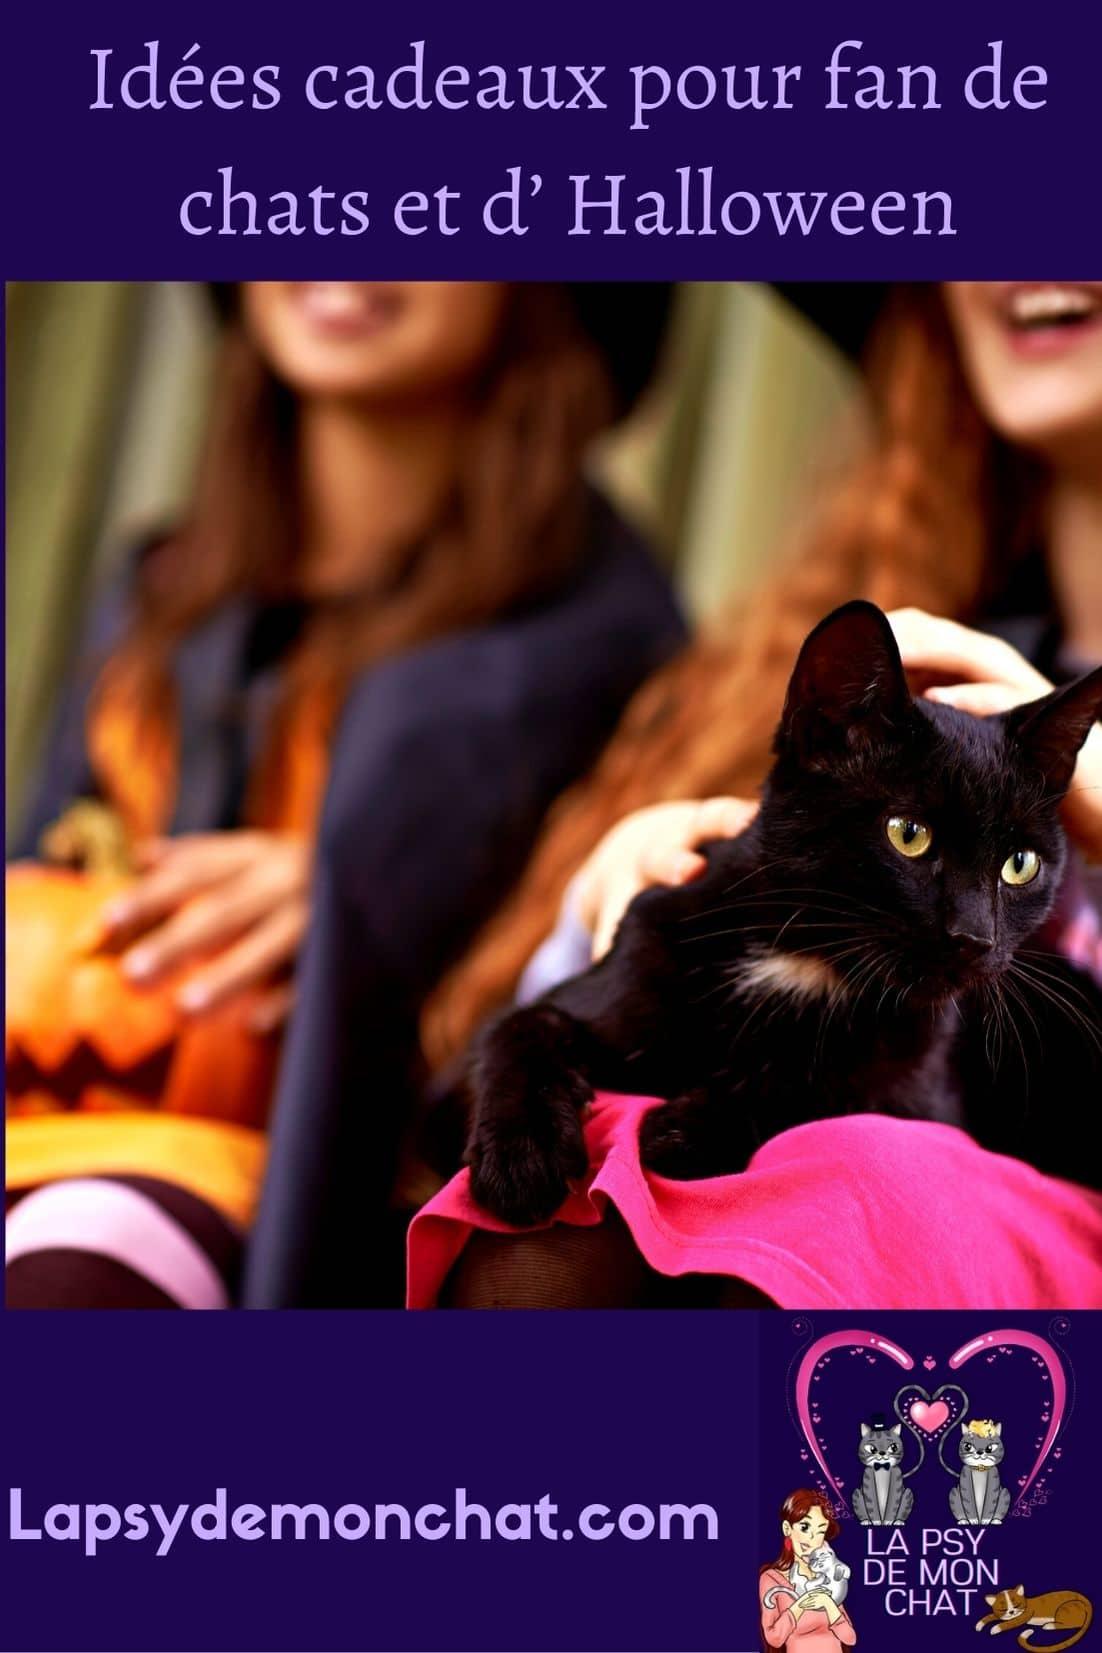 Idées cadeaux pour fan de chats et d' Halloween - pinterest